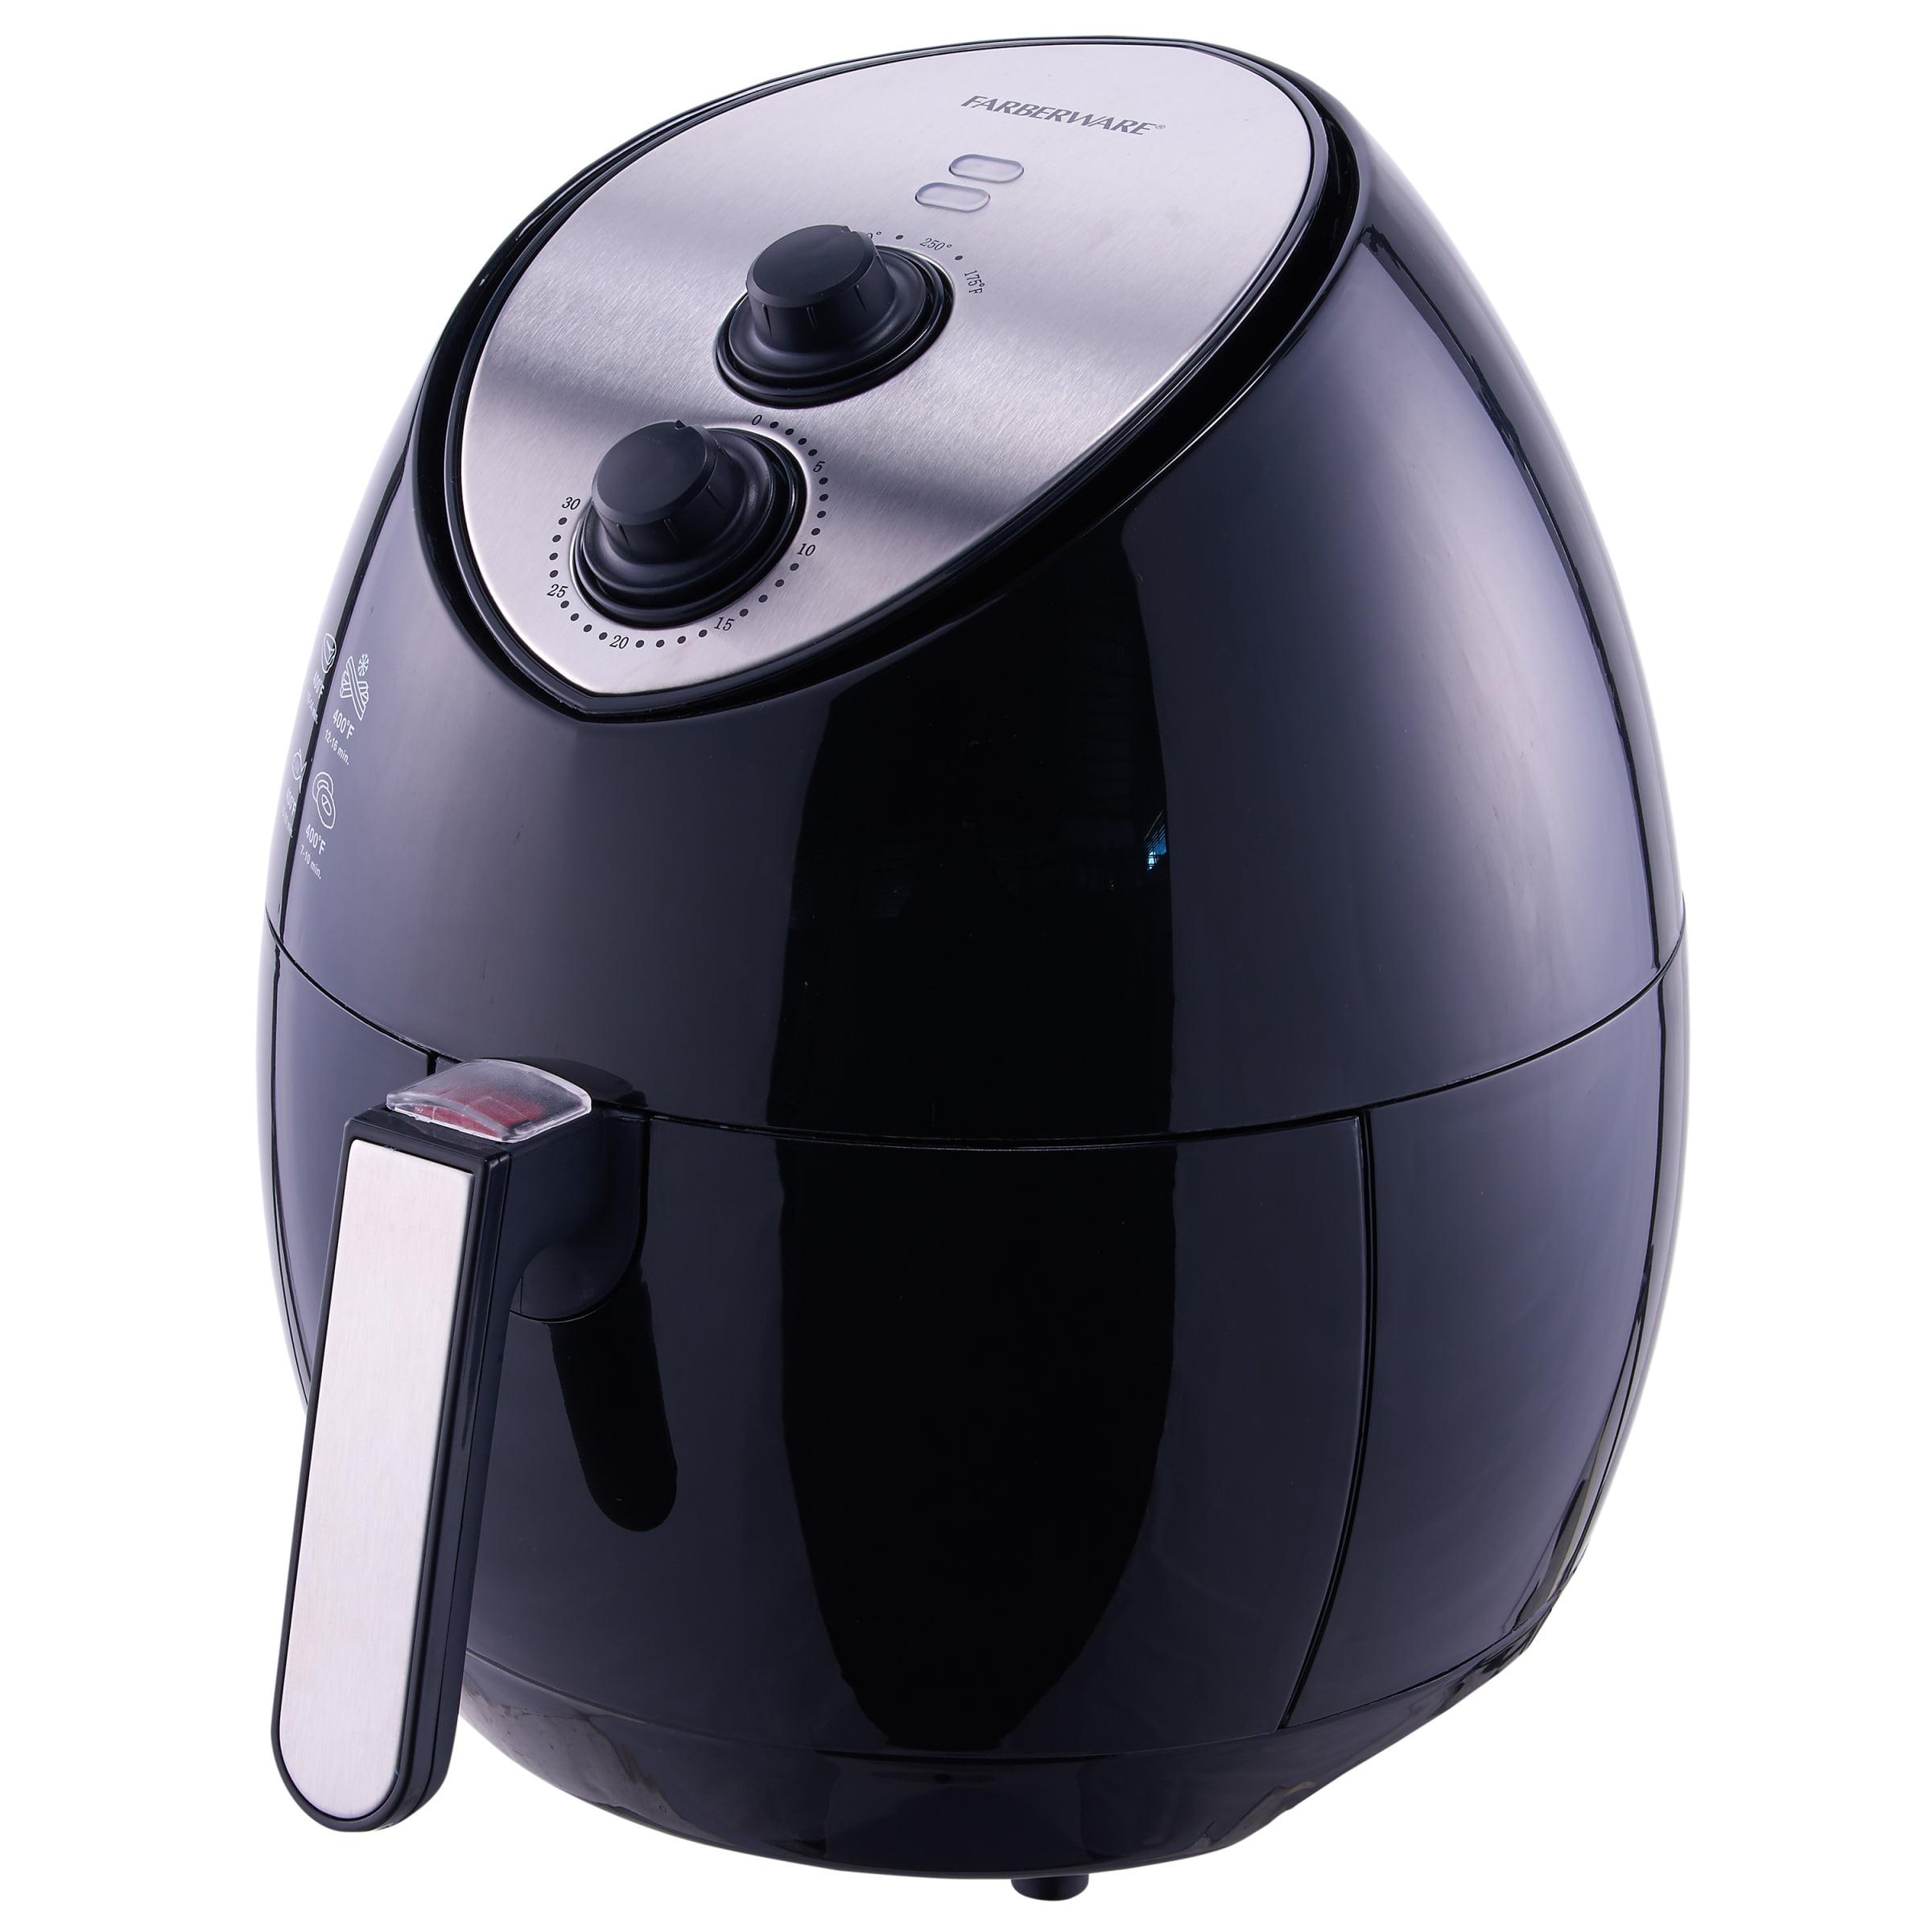 Farberware 3 2 Quart Oil Less Multi Functional Air Fryer Black